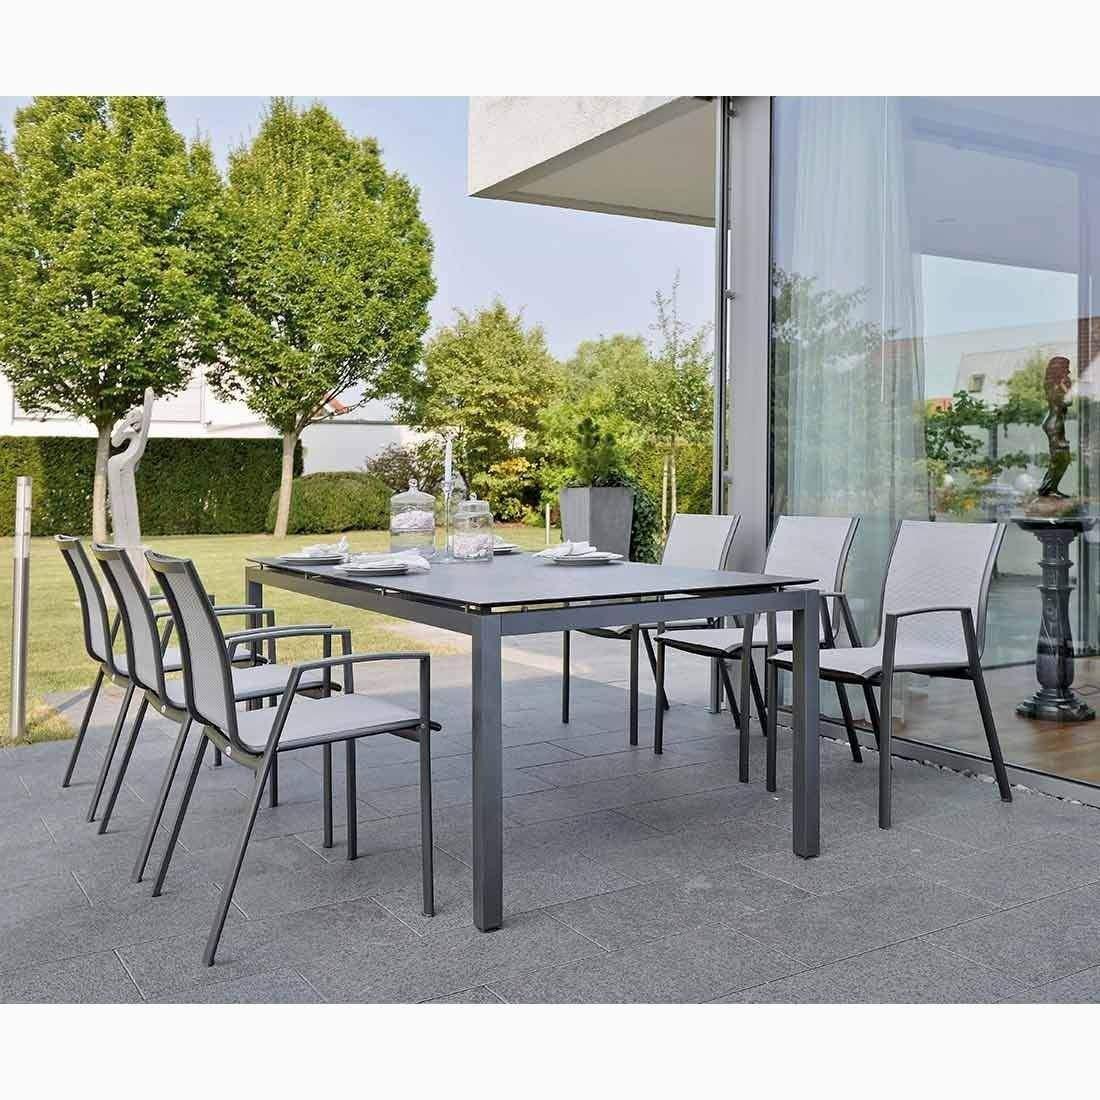 Teakmöbel Garten Das Beste Von Gartentisch 2 Stühle Hausdesign Gartentisch Set Gartenm C3